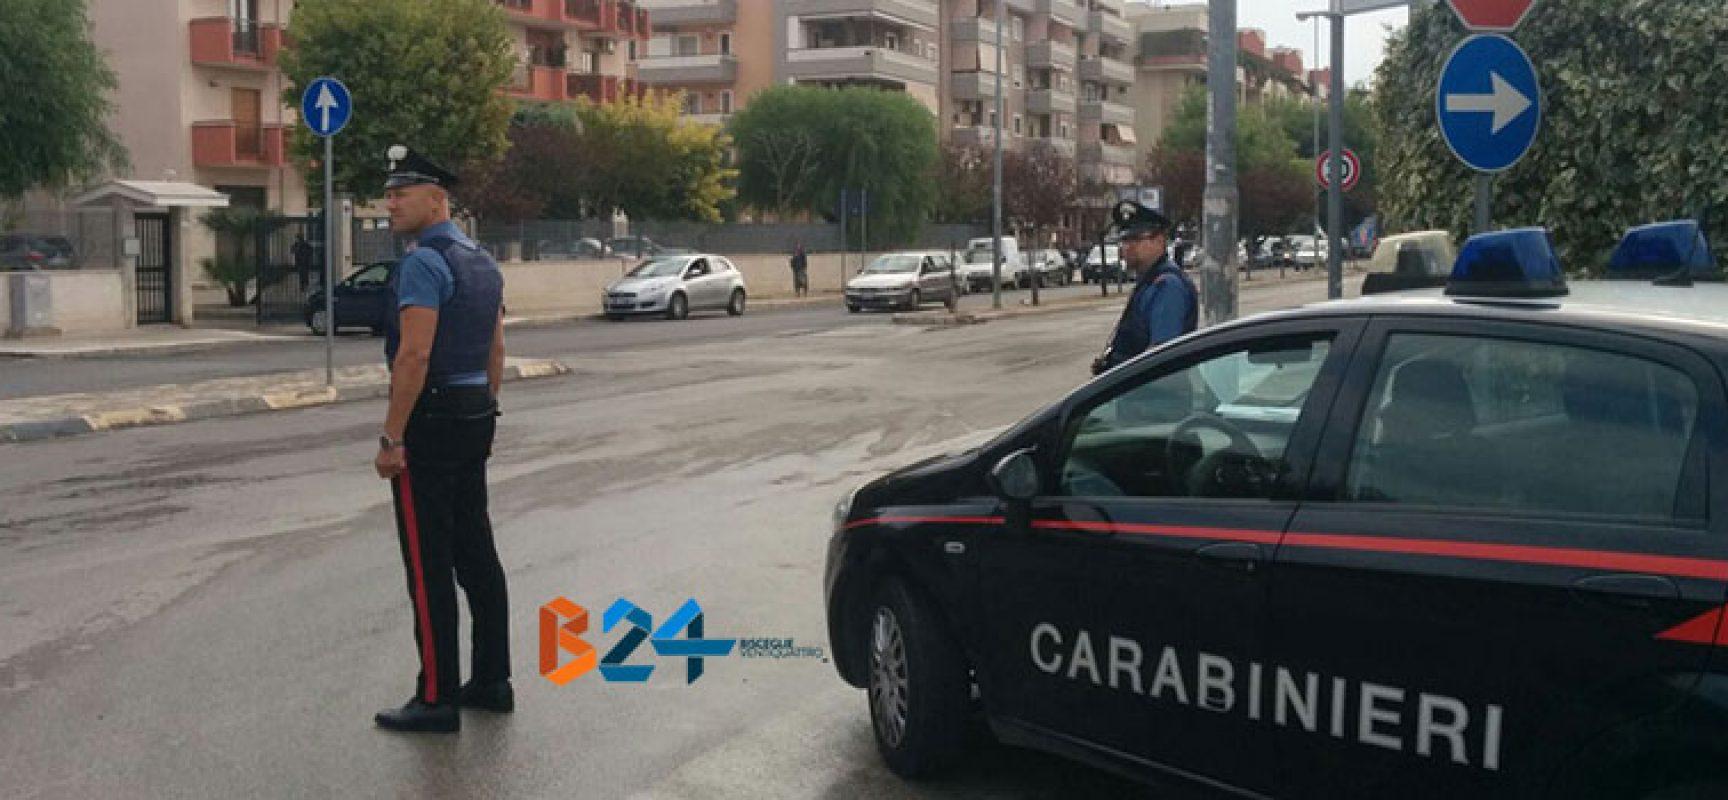 Continuano i controlli straordinari sulle strade, contravvenzioni per 66 persone